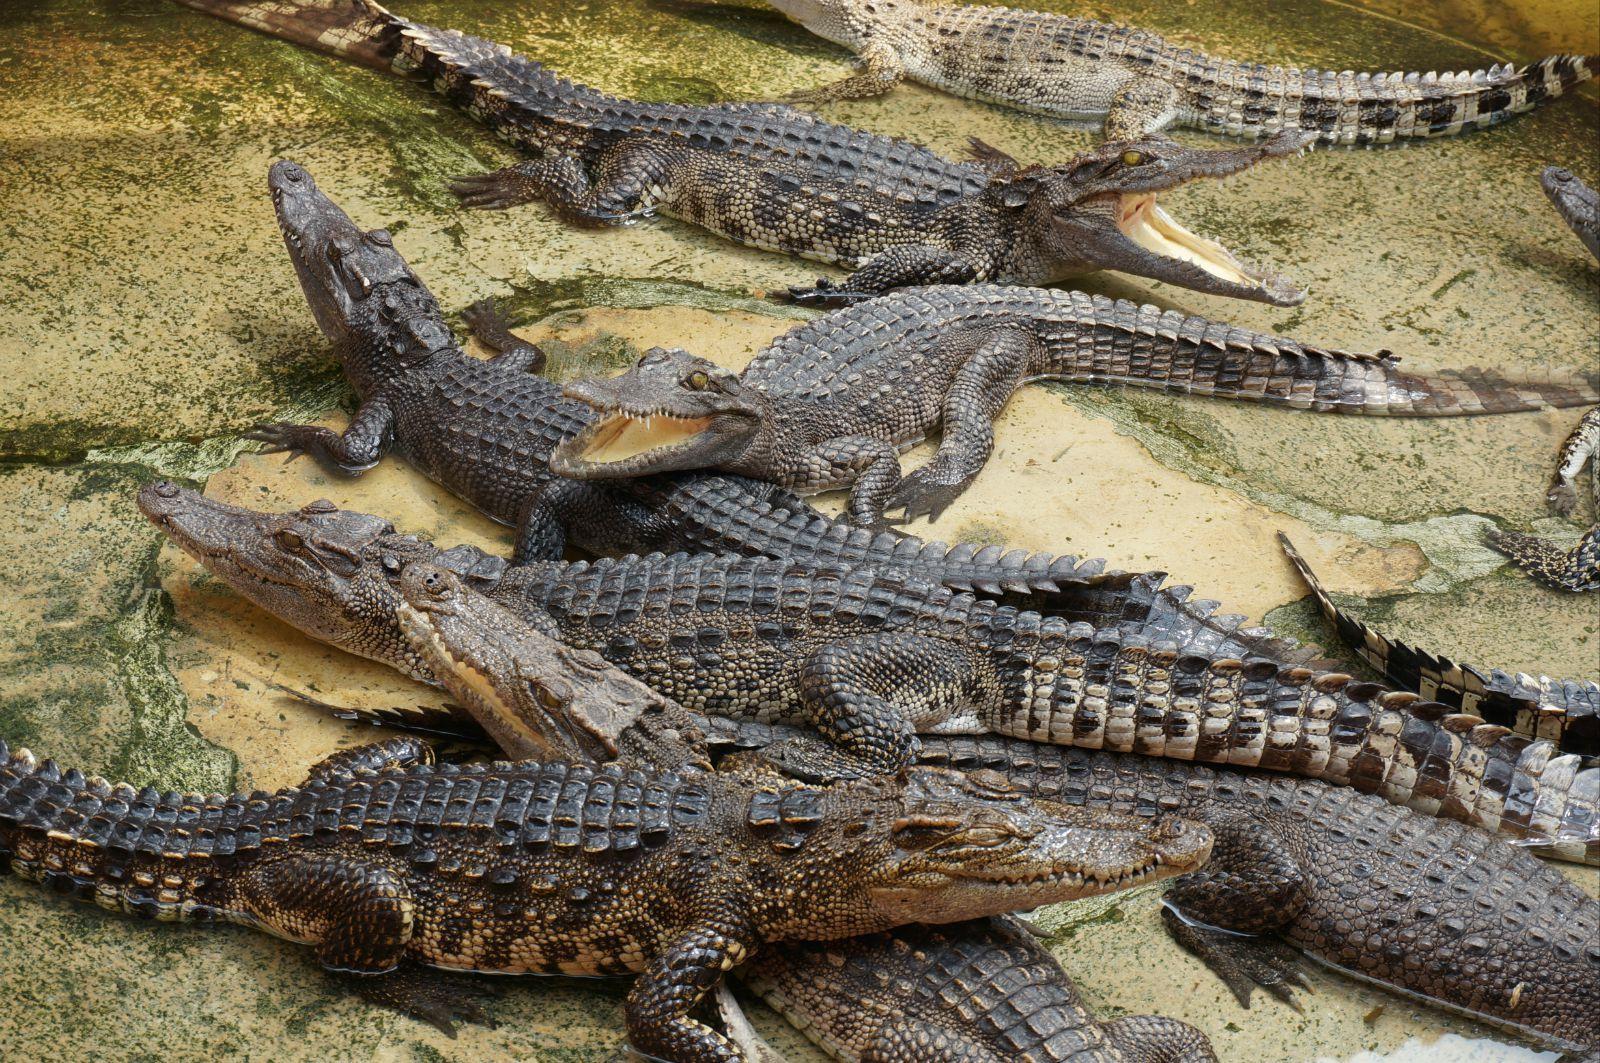 泰国北榄鳄鱼湖ag游戏直营网|平台园,又称鳄鱼农场,位于泰国离曼谷市离中心以南8公里的北榄区,是世界上最大的鳄鱼养殖场。泰国华人杨海泉在1950年创办,五十余年以来,苦心经营,规模不断扩大,养殖世界各地不同种类的鳄鱼达六万多条,从初生的长只二十几厘米的鳄鱼仔到世界最大的长6米、重量1114公斤的鳄鱼,琳琅满目。